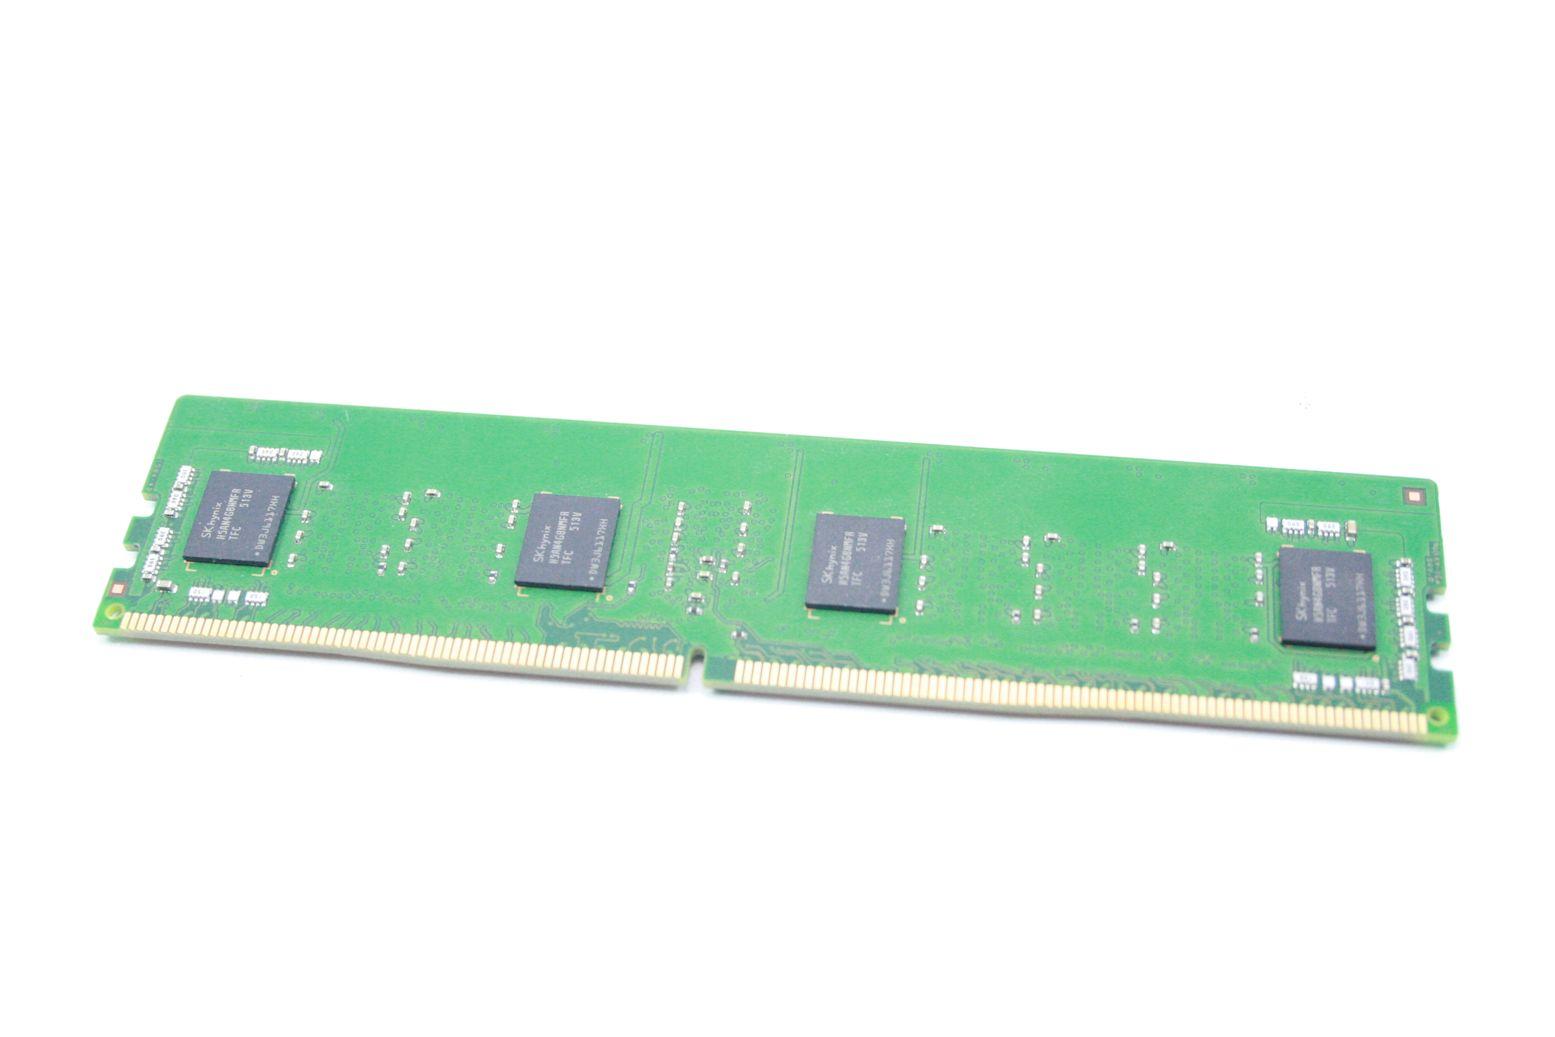 HPE G9 32GB 2R * 4 PC4-2400T DDR4 SDRAM DIMM Kit (1x32GB)